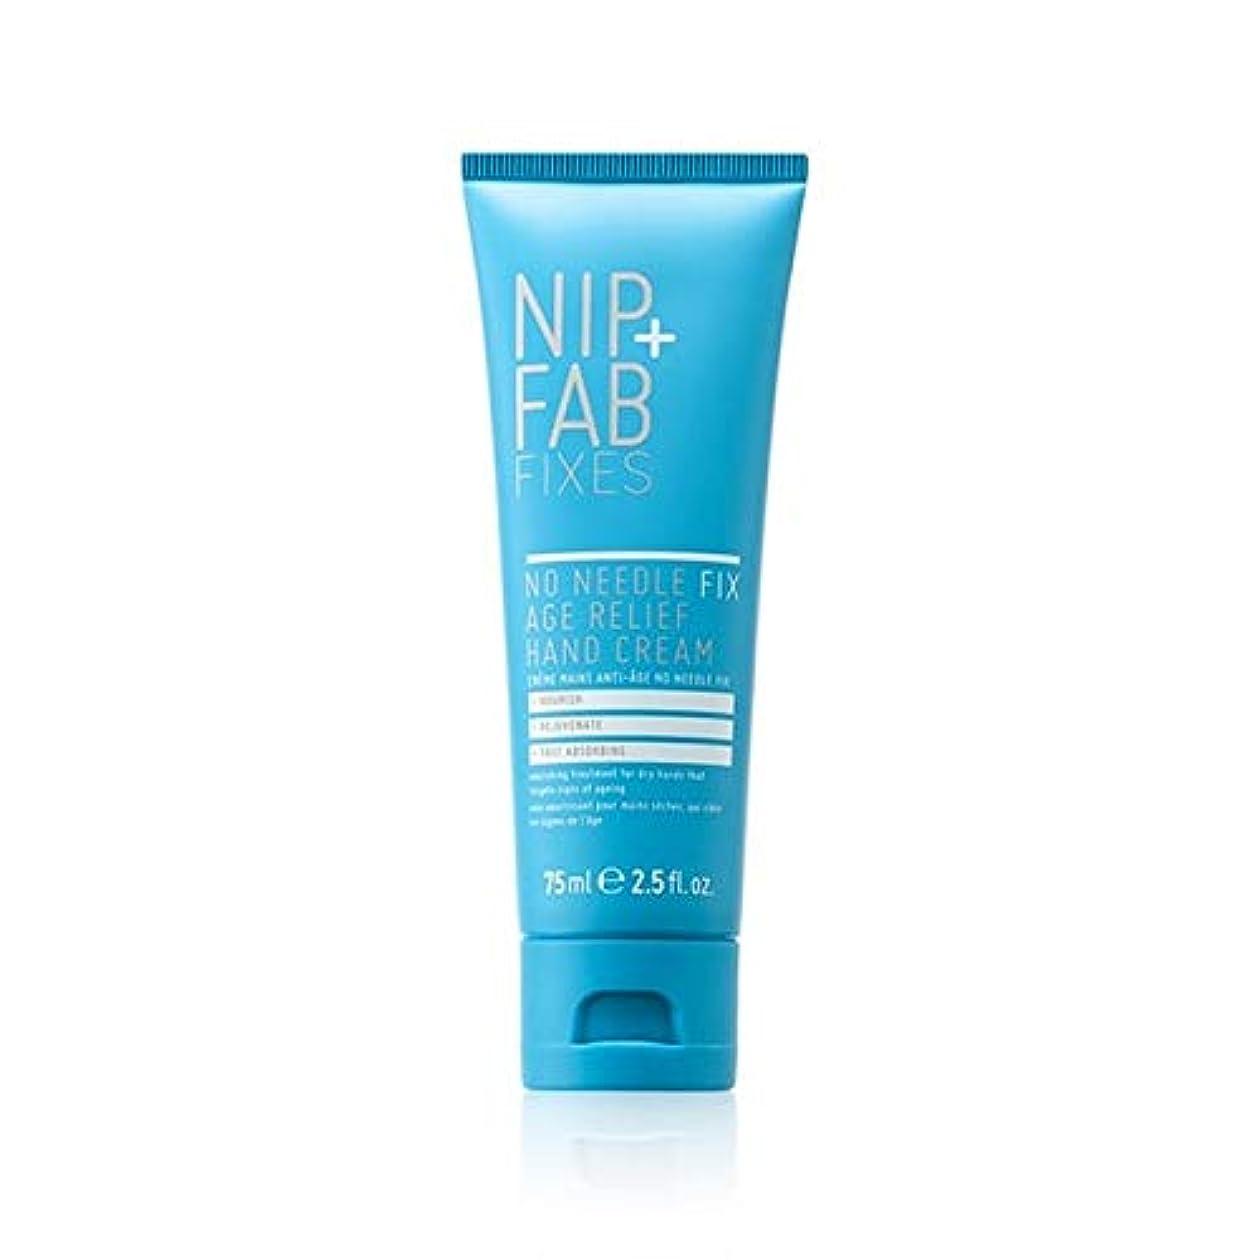 迷惑知覚的検査[Nip & Fab ] 何針修正年齢リリーフハンドクリームをファブない+ニップ - Nip+Fab No Needle Fix Age Relief hand cream [並行輸入品]